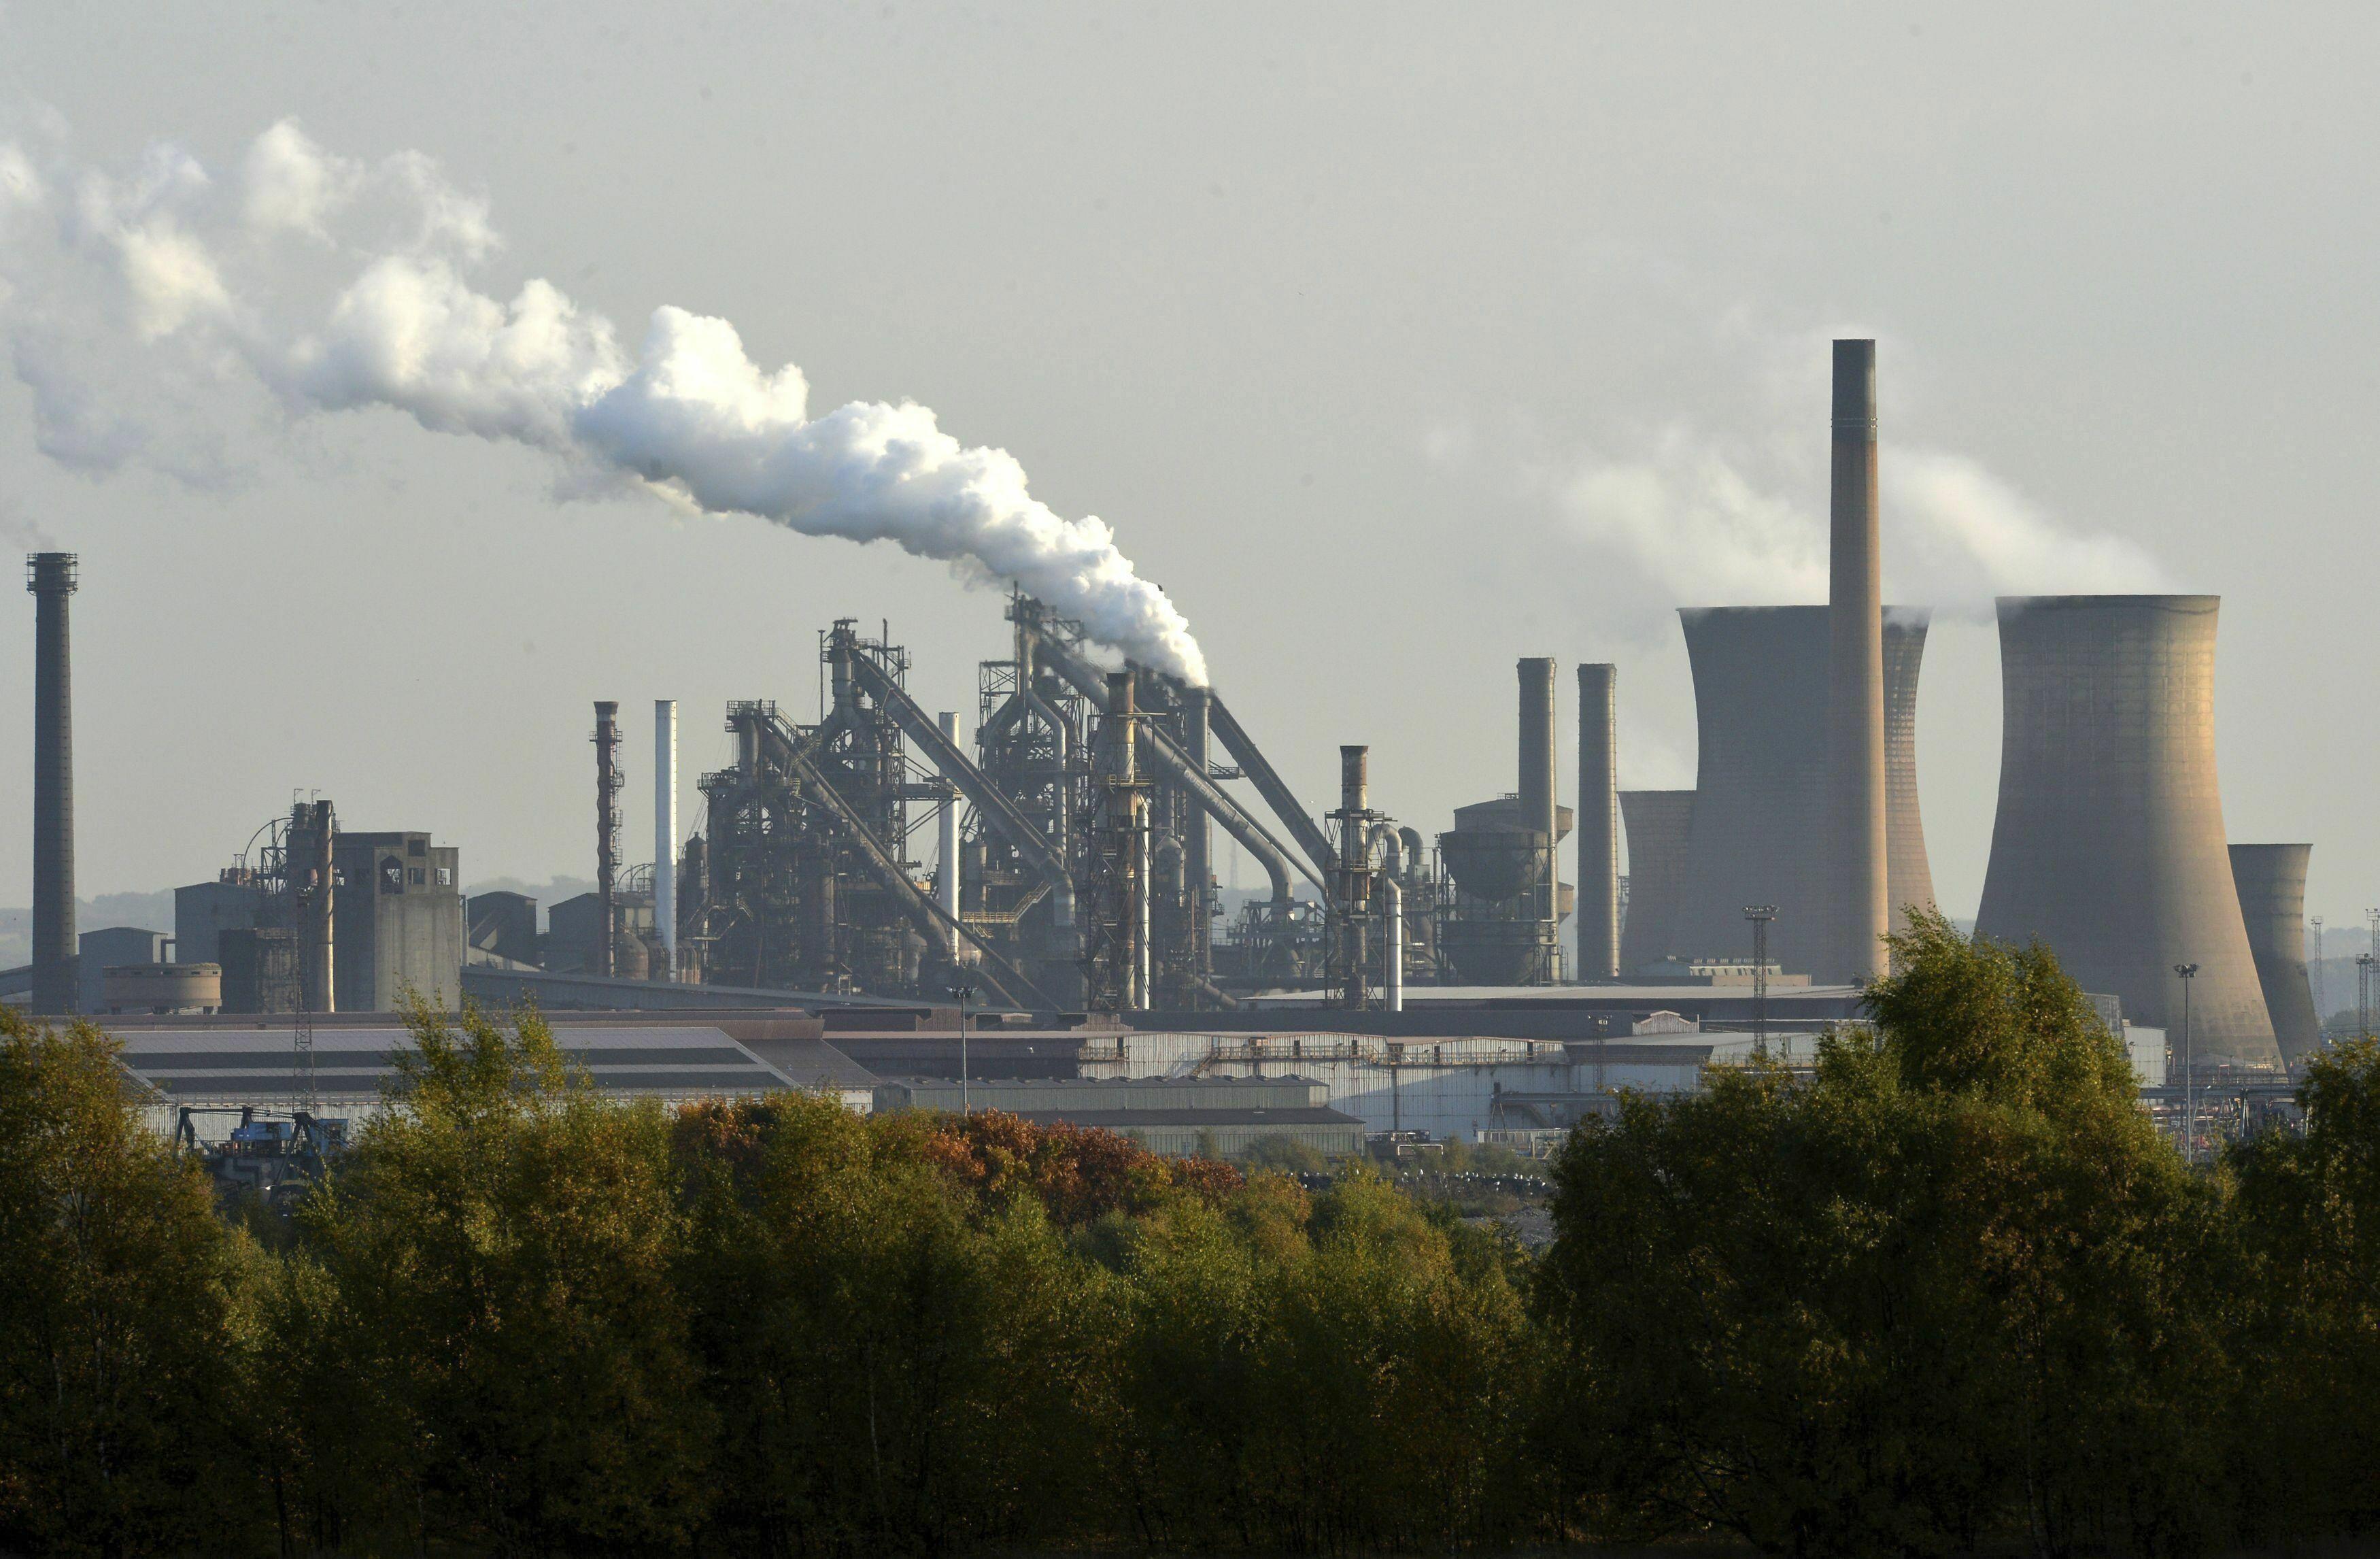 Εργοστάσιο που ανήκει στην British Steel, στο Σκάνθροπ της Αγγλίας